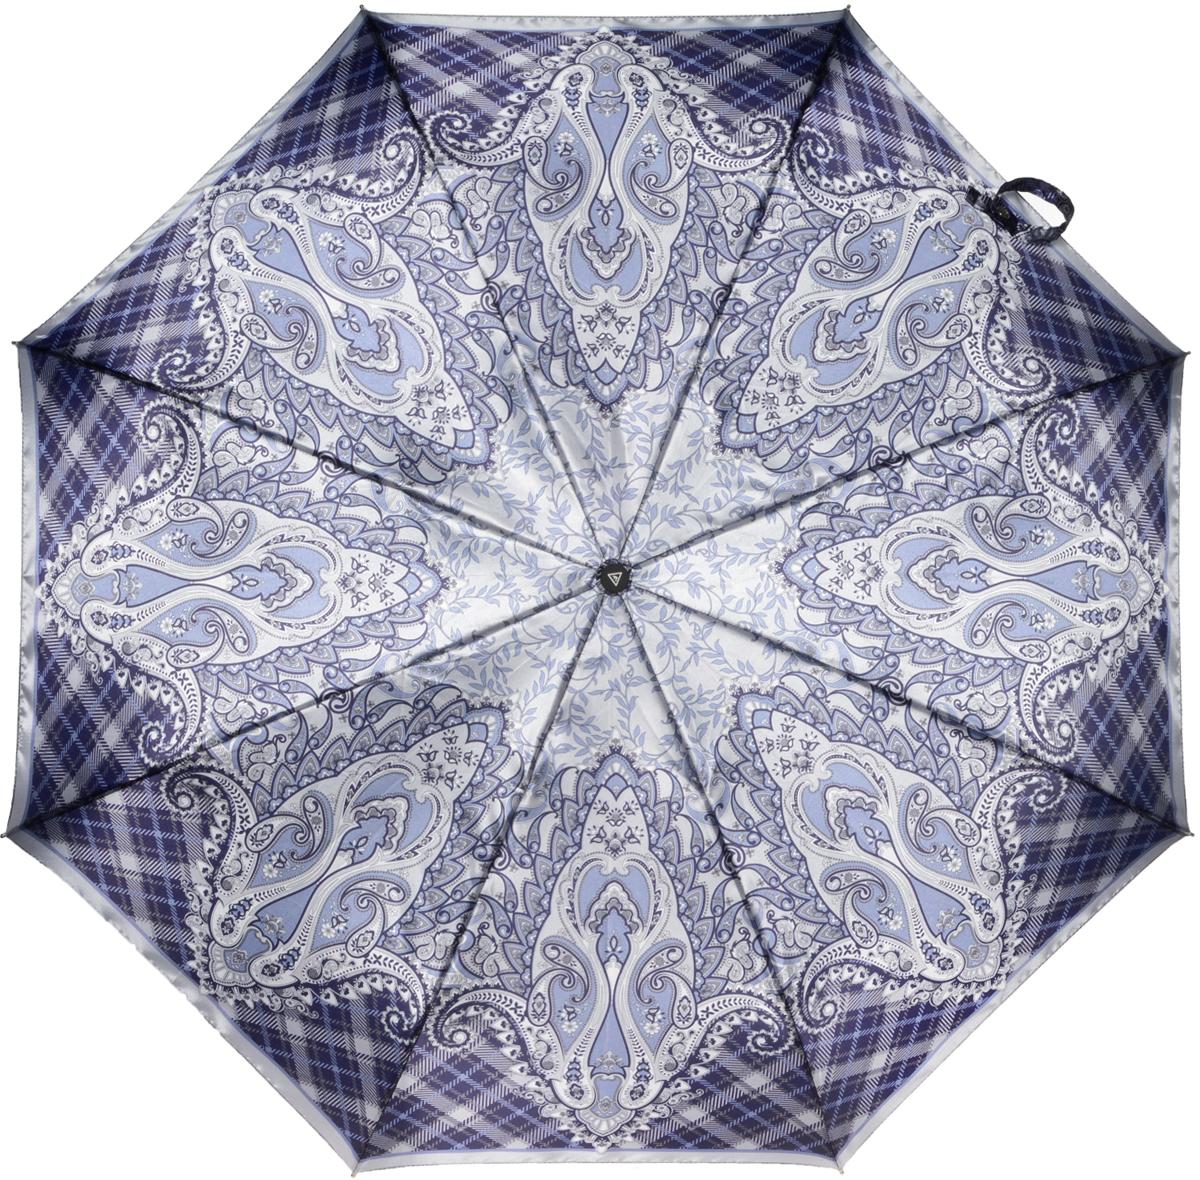 Зонт женский Fabretti, полный автомат, 3 сложения, цвет: серый. S-16100-1S-16100-1Зонт женский Fabretti, суперавтомат, 3 сложения, сатин